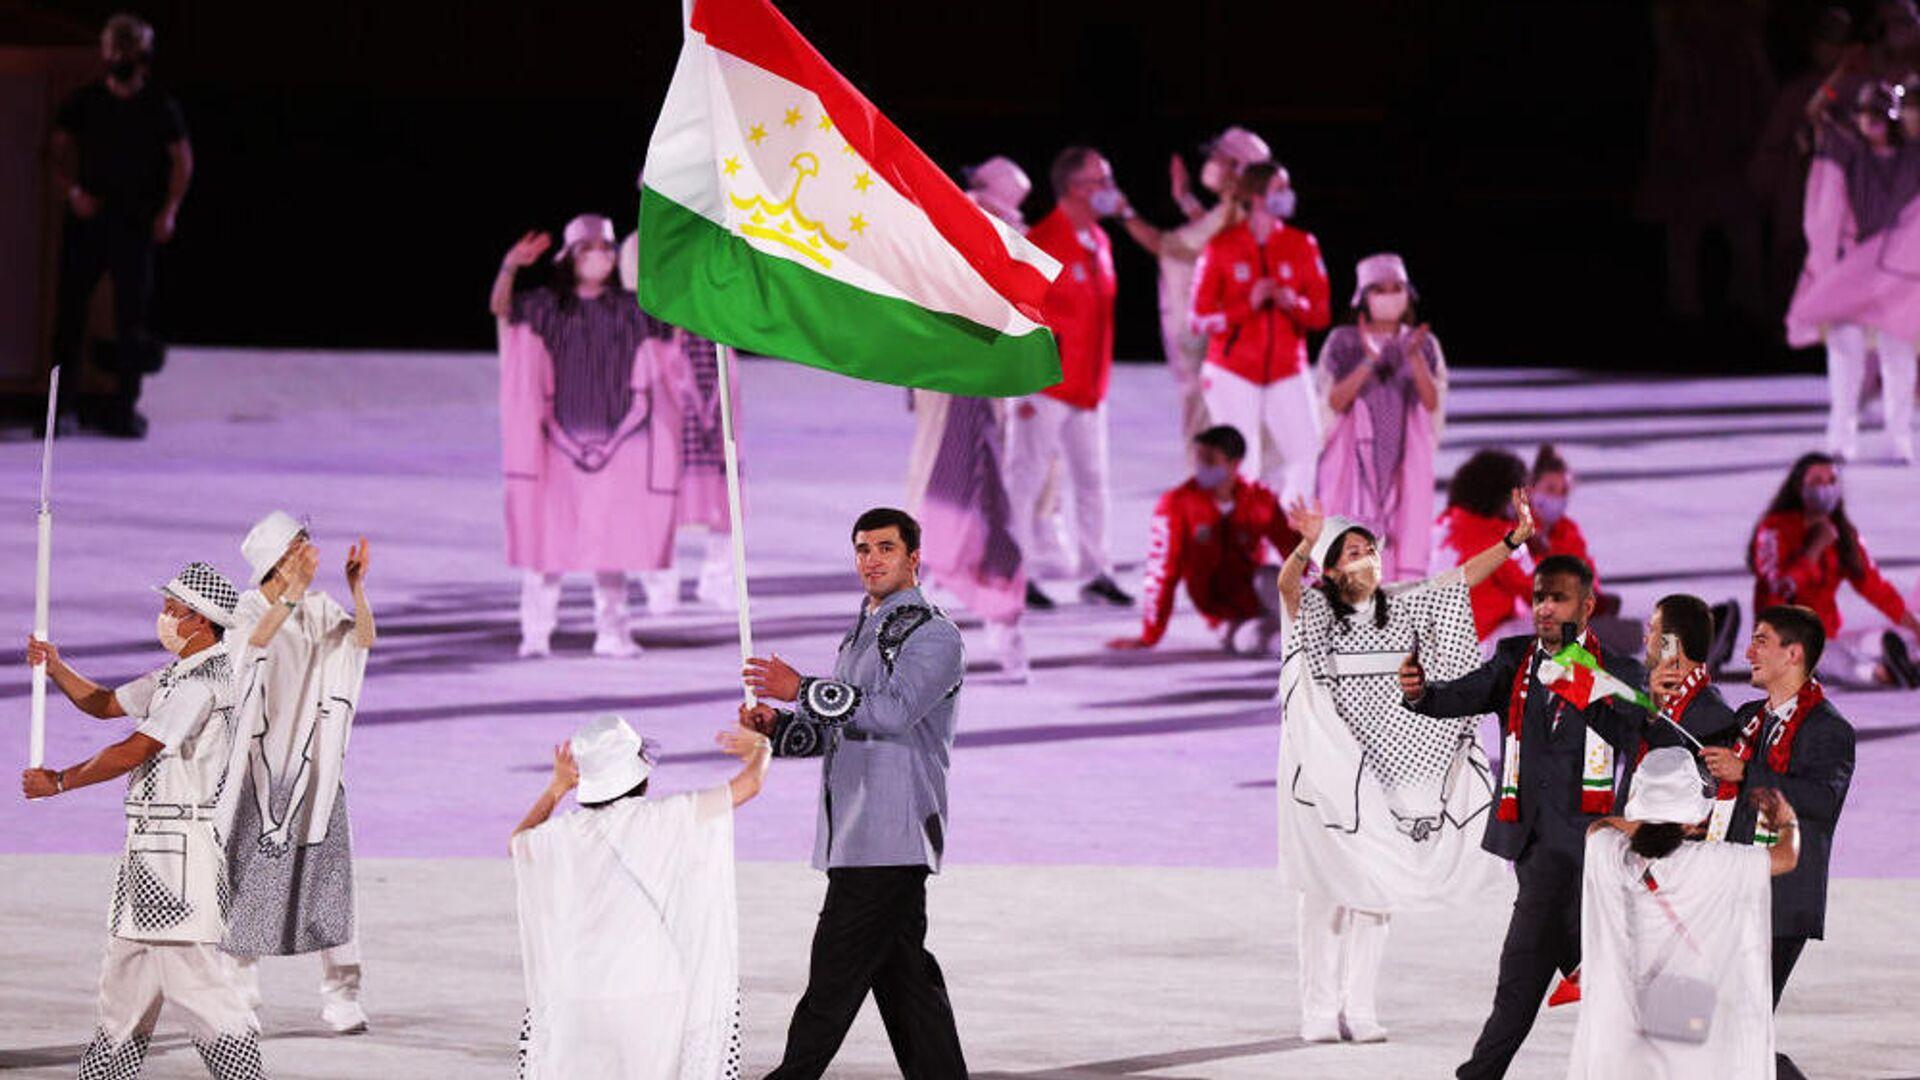 Сборная Таджикистана на в Олимпиаде в Токио 2020 - Sputnik Таджикистан, 1920, 31.07.2021